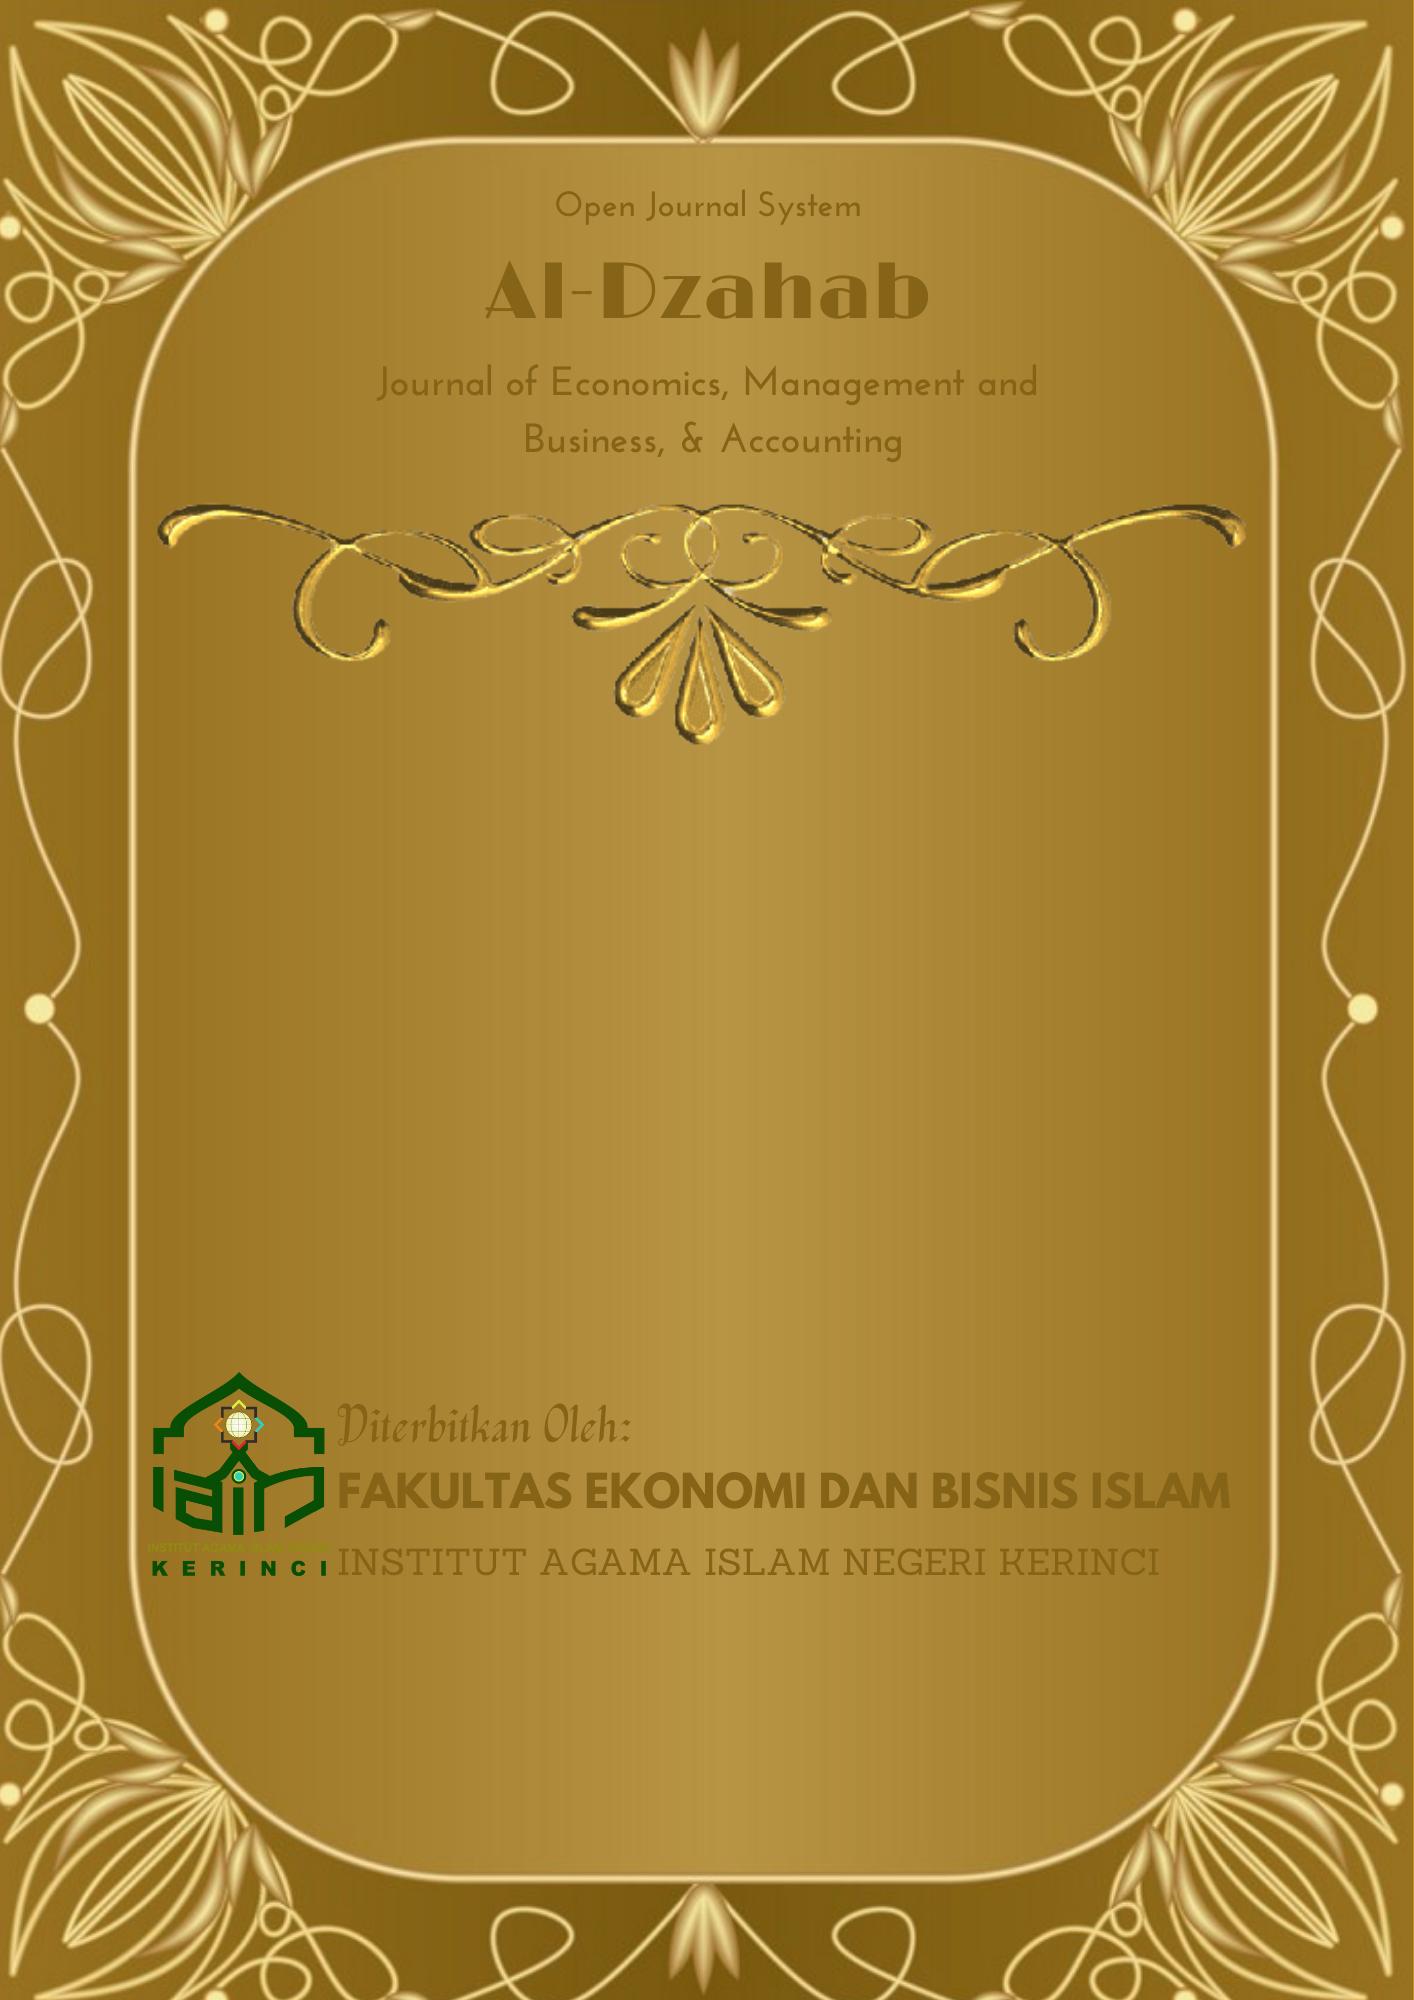 Al-Dzahab